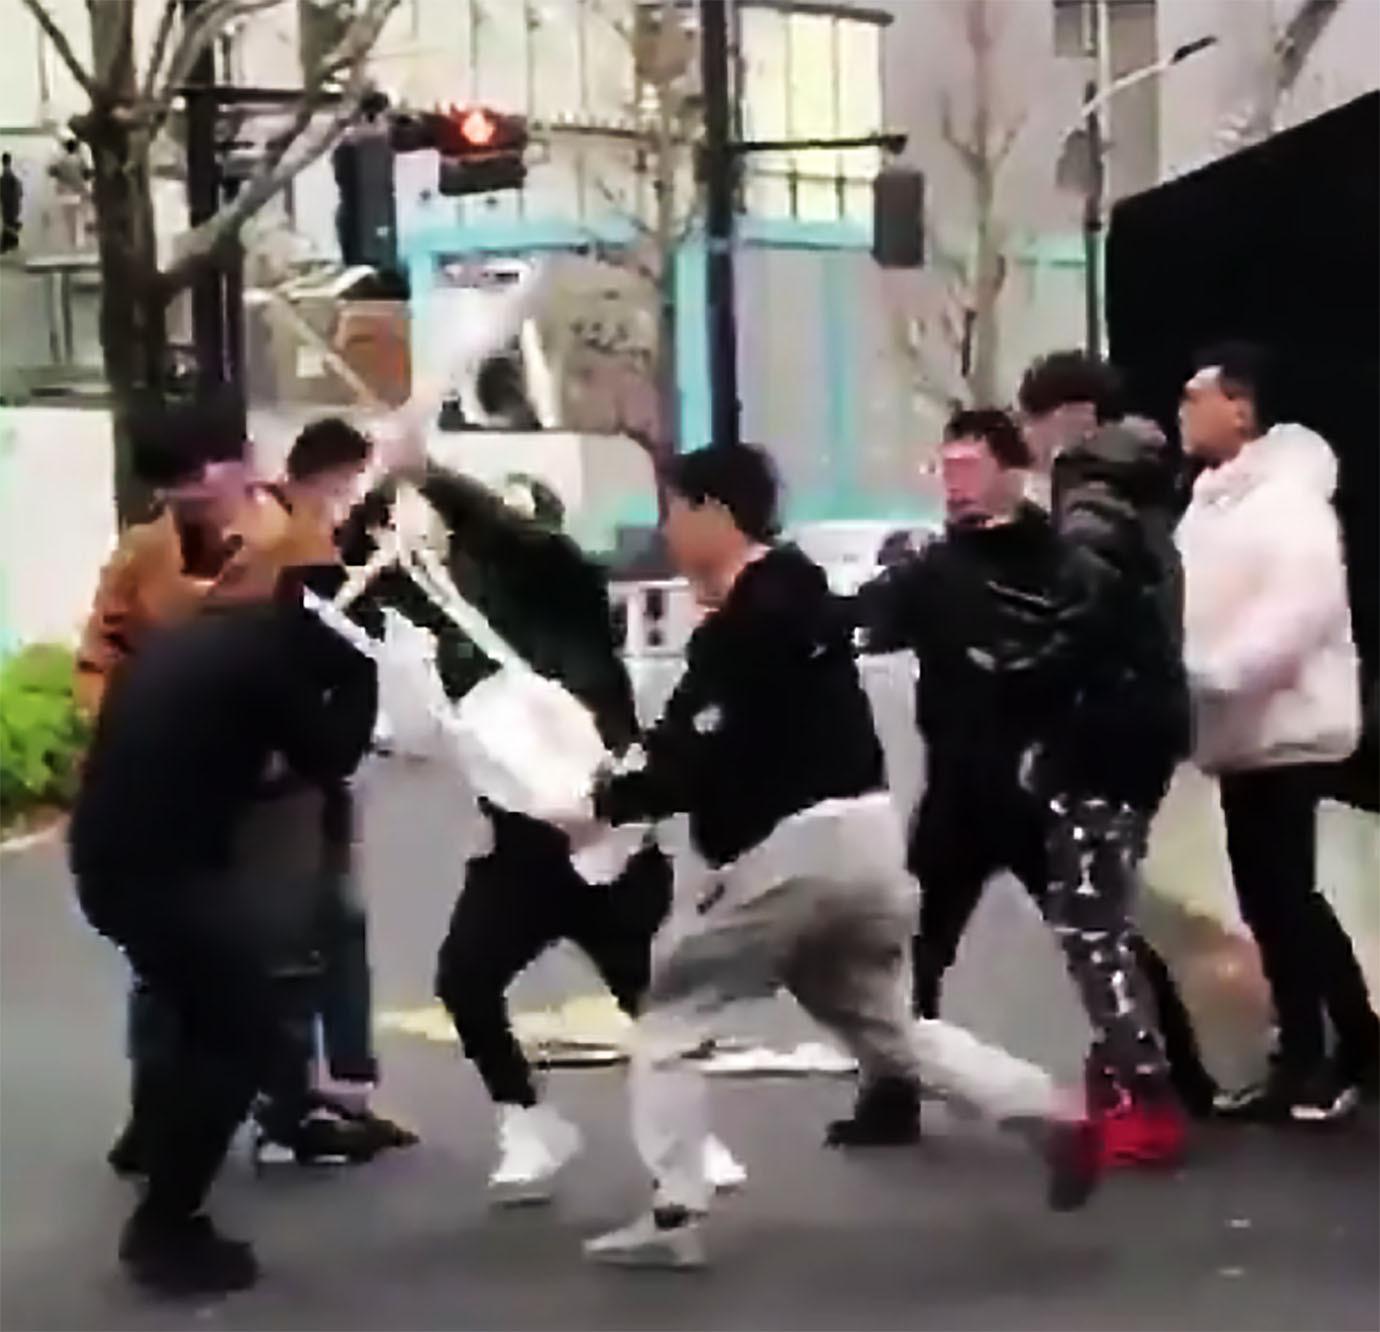 【衝撃】人気ブランド「Supreme」行列で集団暴行事件が発生・・・のサムネイル画像